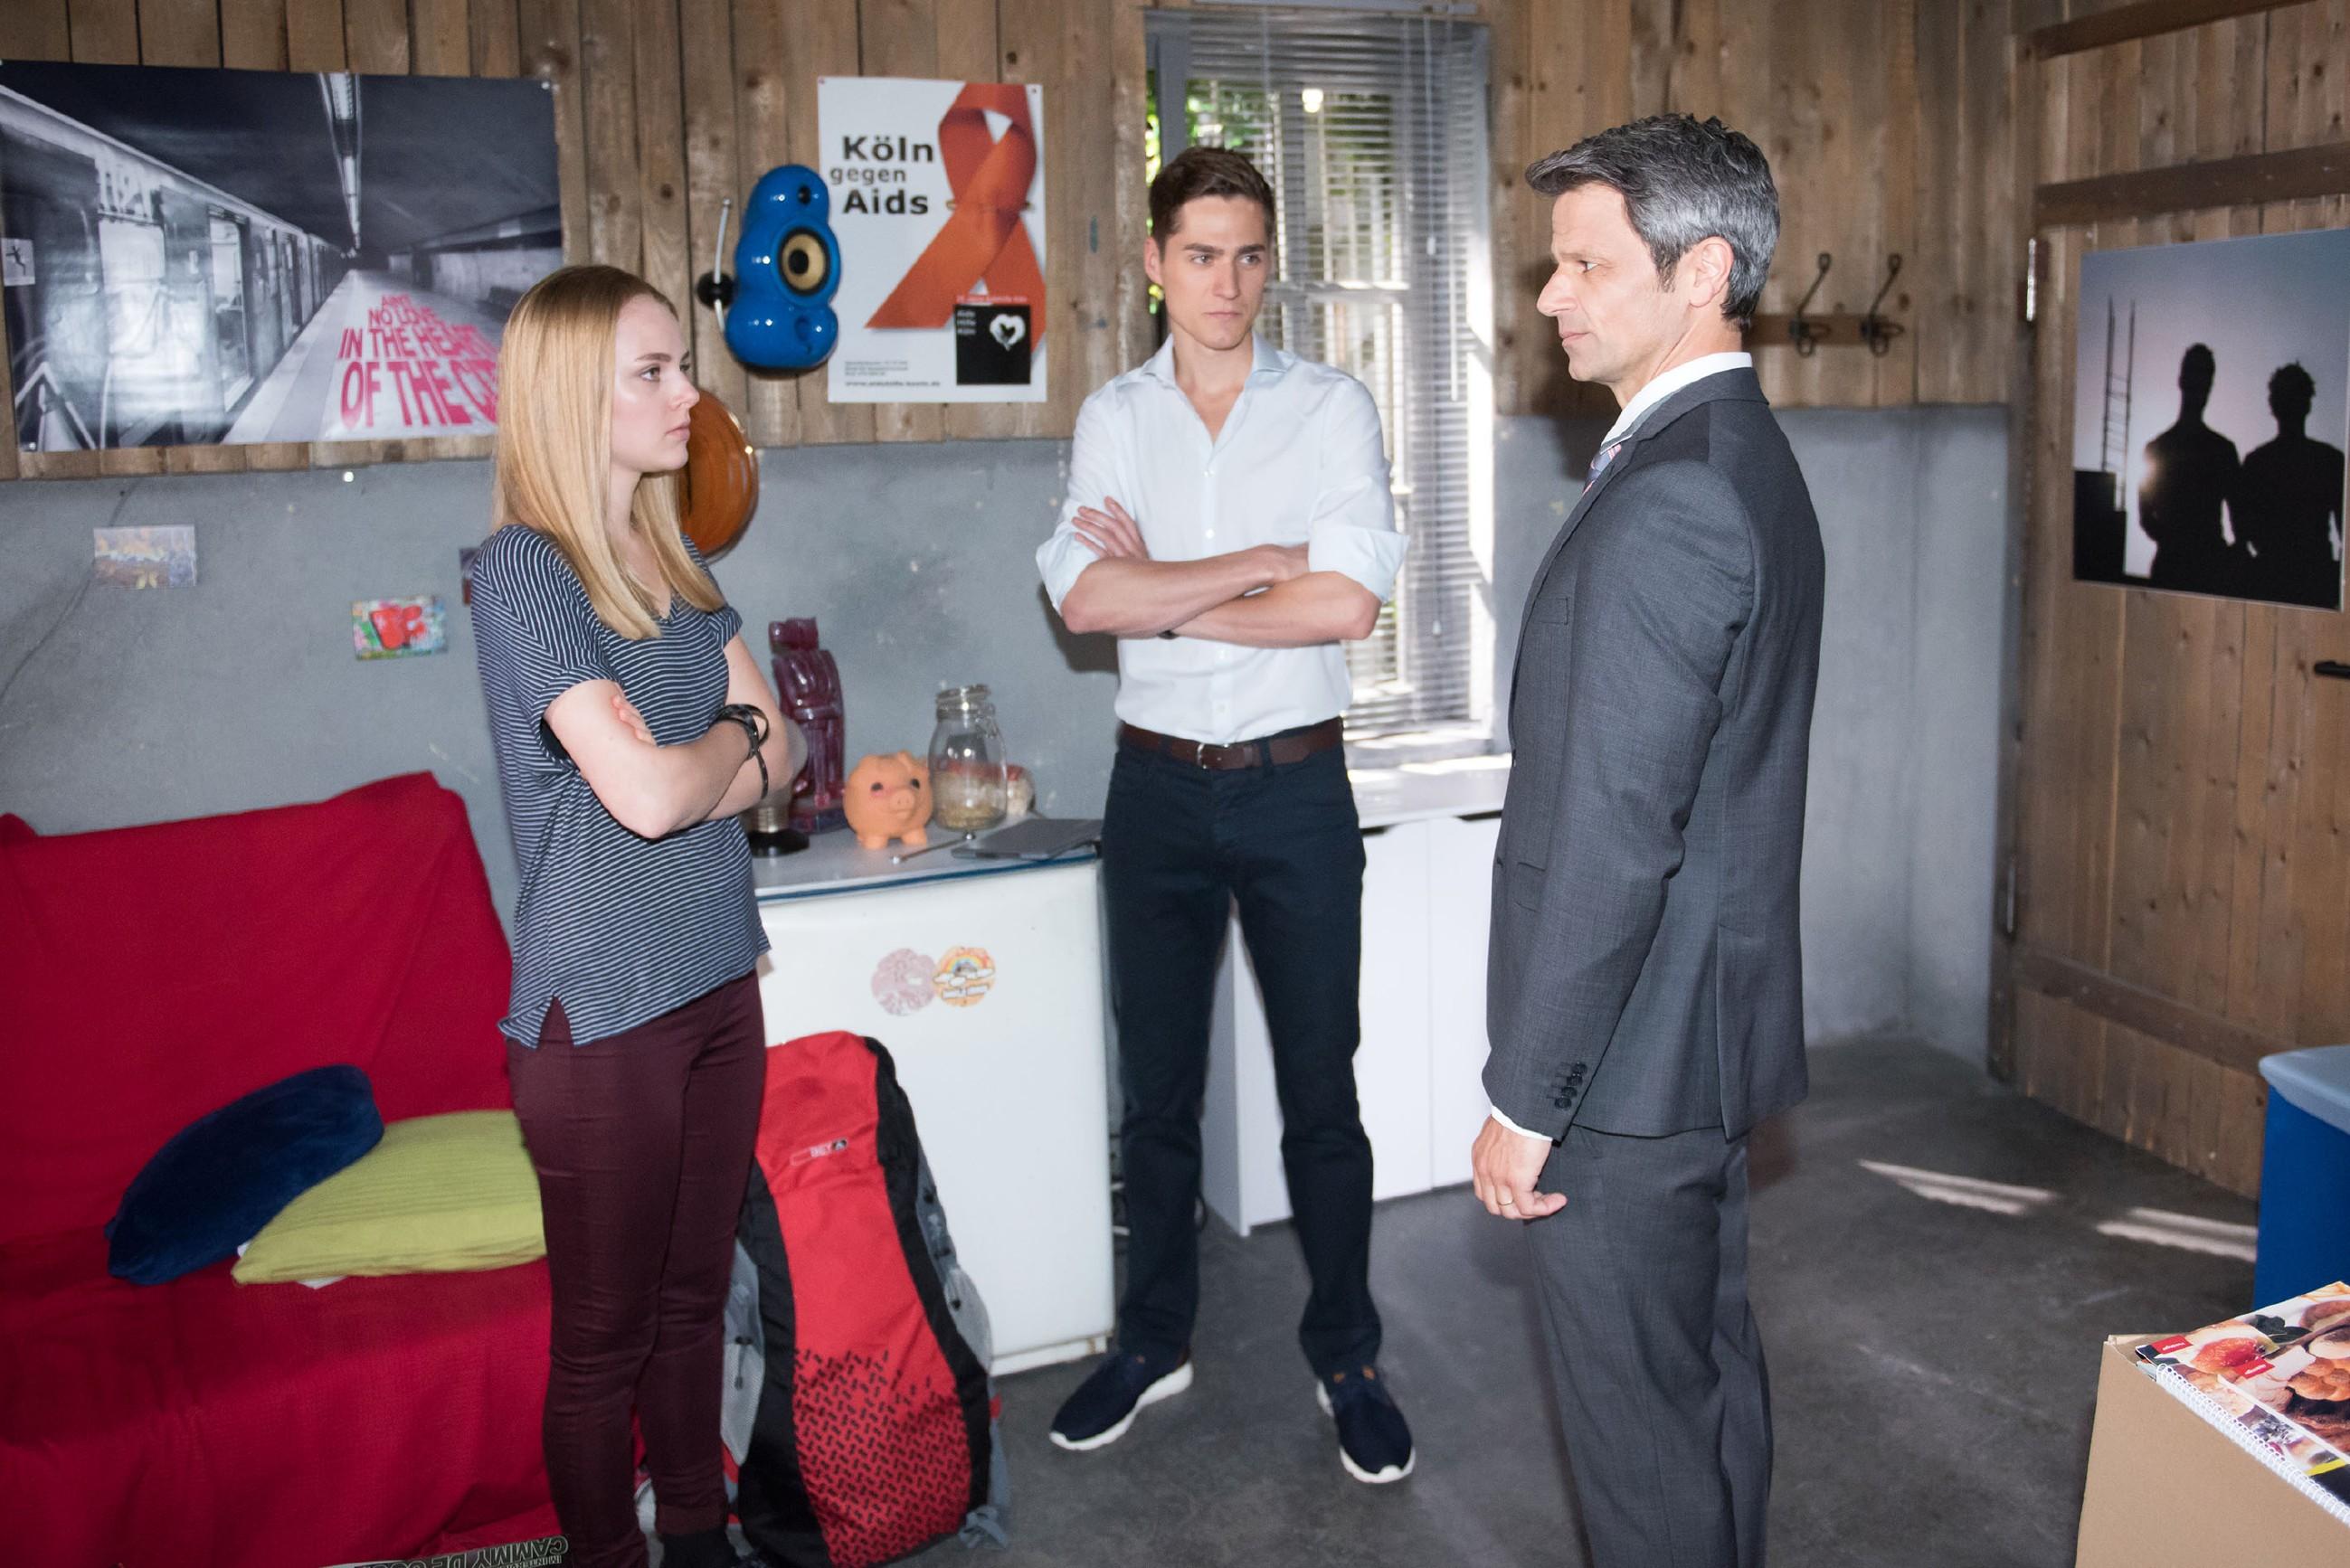 Benedikt (Jens Hajek, r.) will Fiona (Olivia Burkhart) und Ringo (Timothy Boldt) benutzen, um Paffrath zu erpressen. (Quelle: RTL / Stefan Behrens)